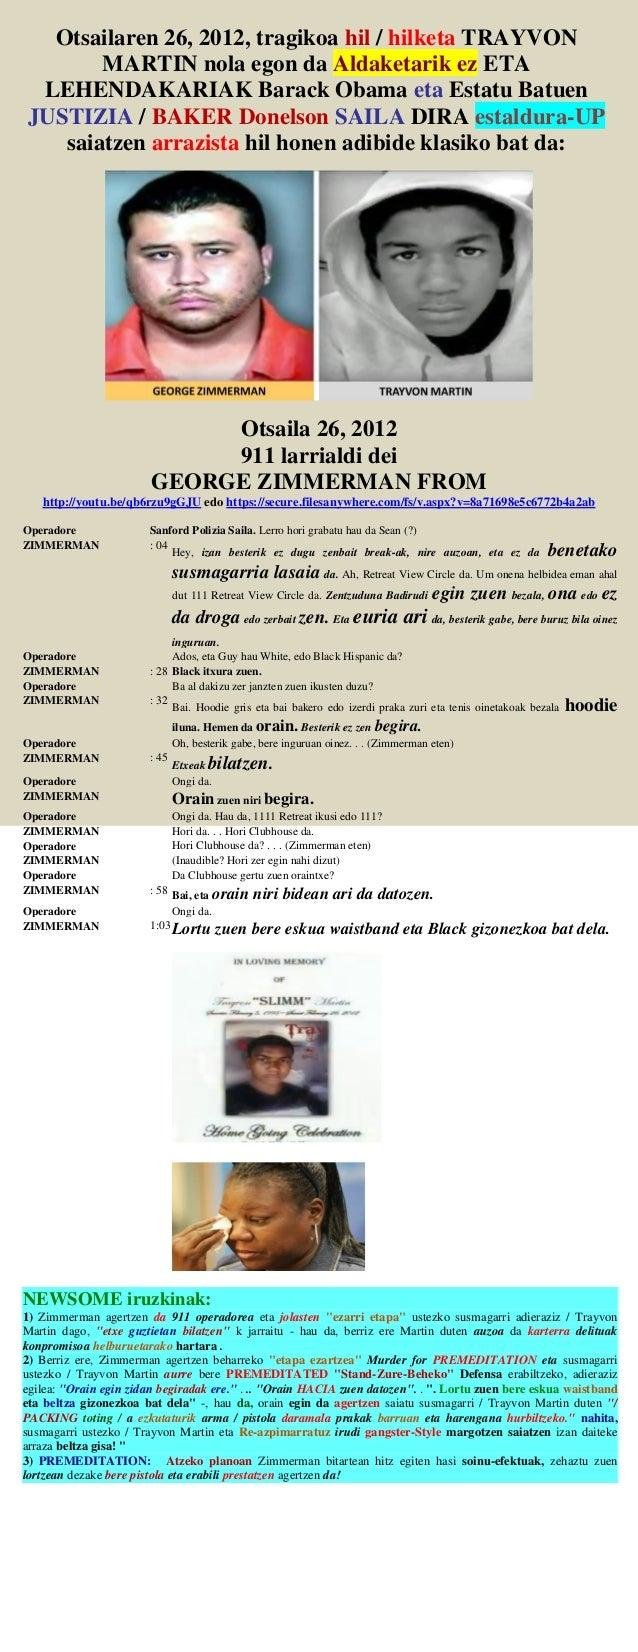 Otsailaren 26, 2012, tragikoa hil / hilketa TRAYVON MARTIN nola egon da Aldaketarik ez ETA LEHENDAKARIAK Barack Obama eta ...